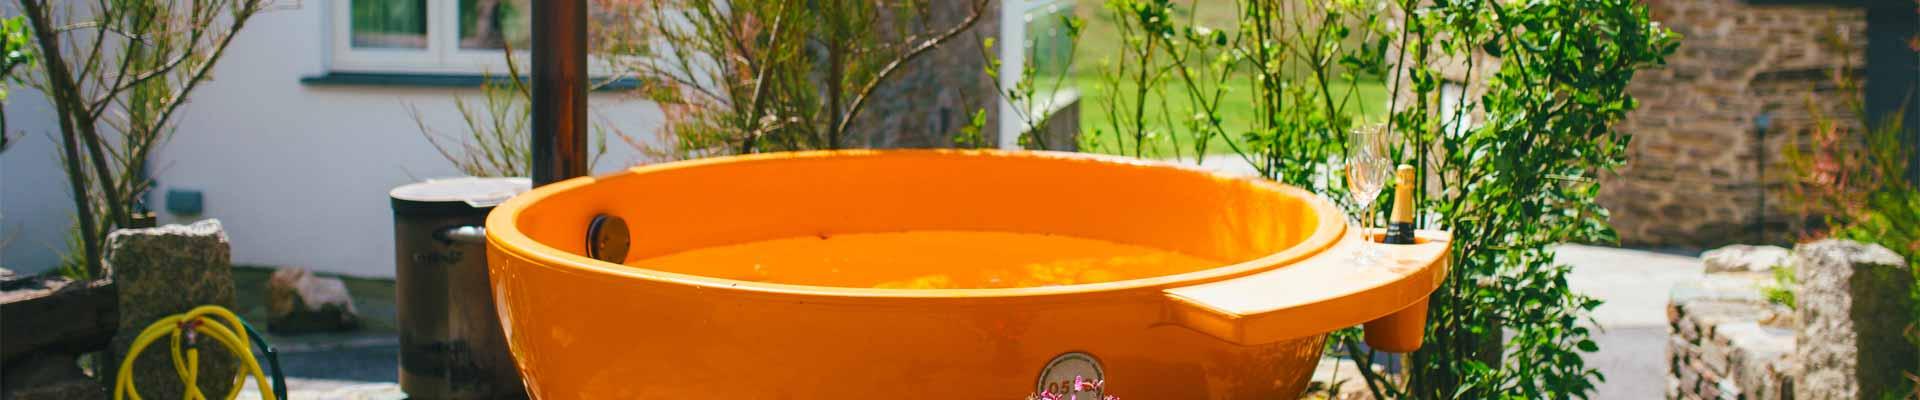 Photo of Tregulland Retreats hot tub